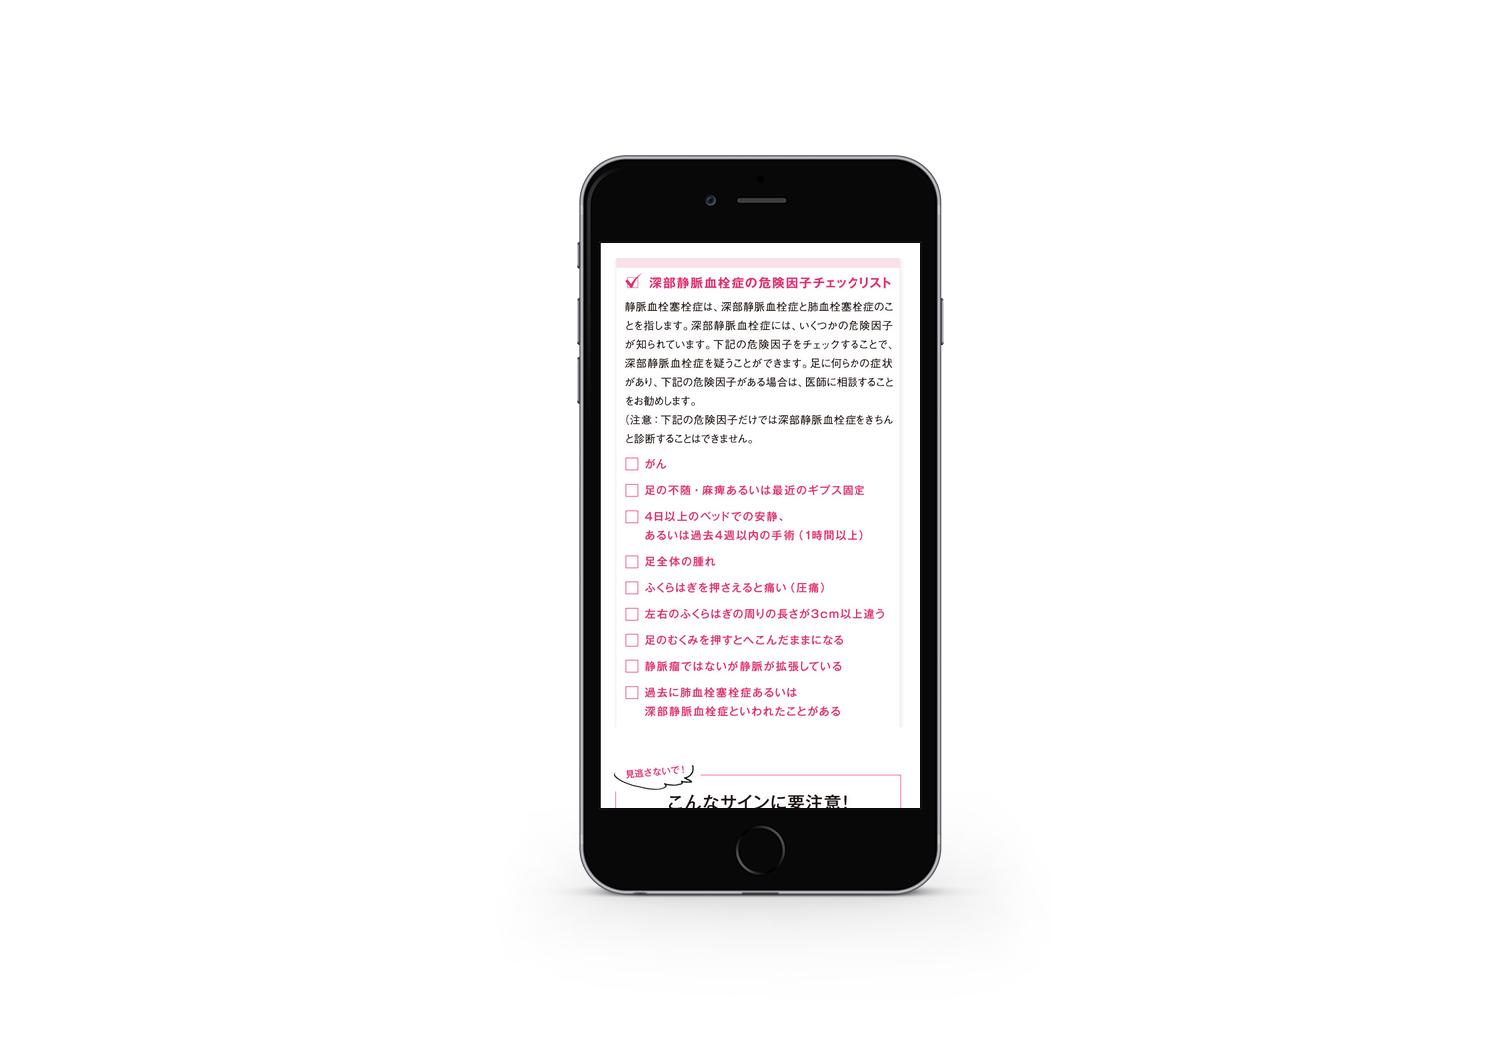 血栓症 .net  Official Smartphone site 2015